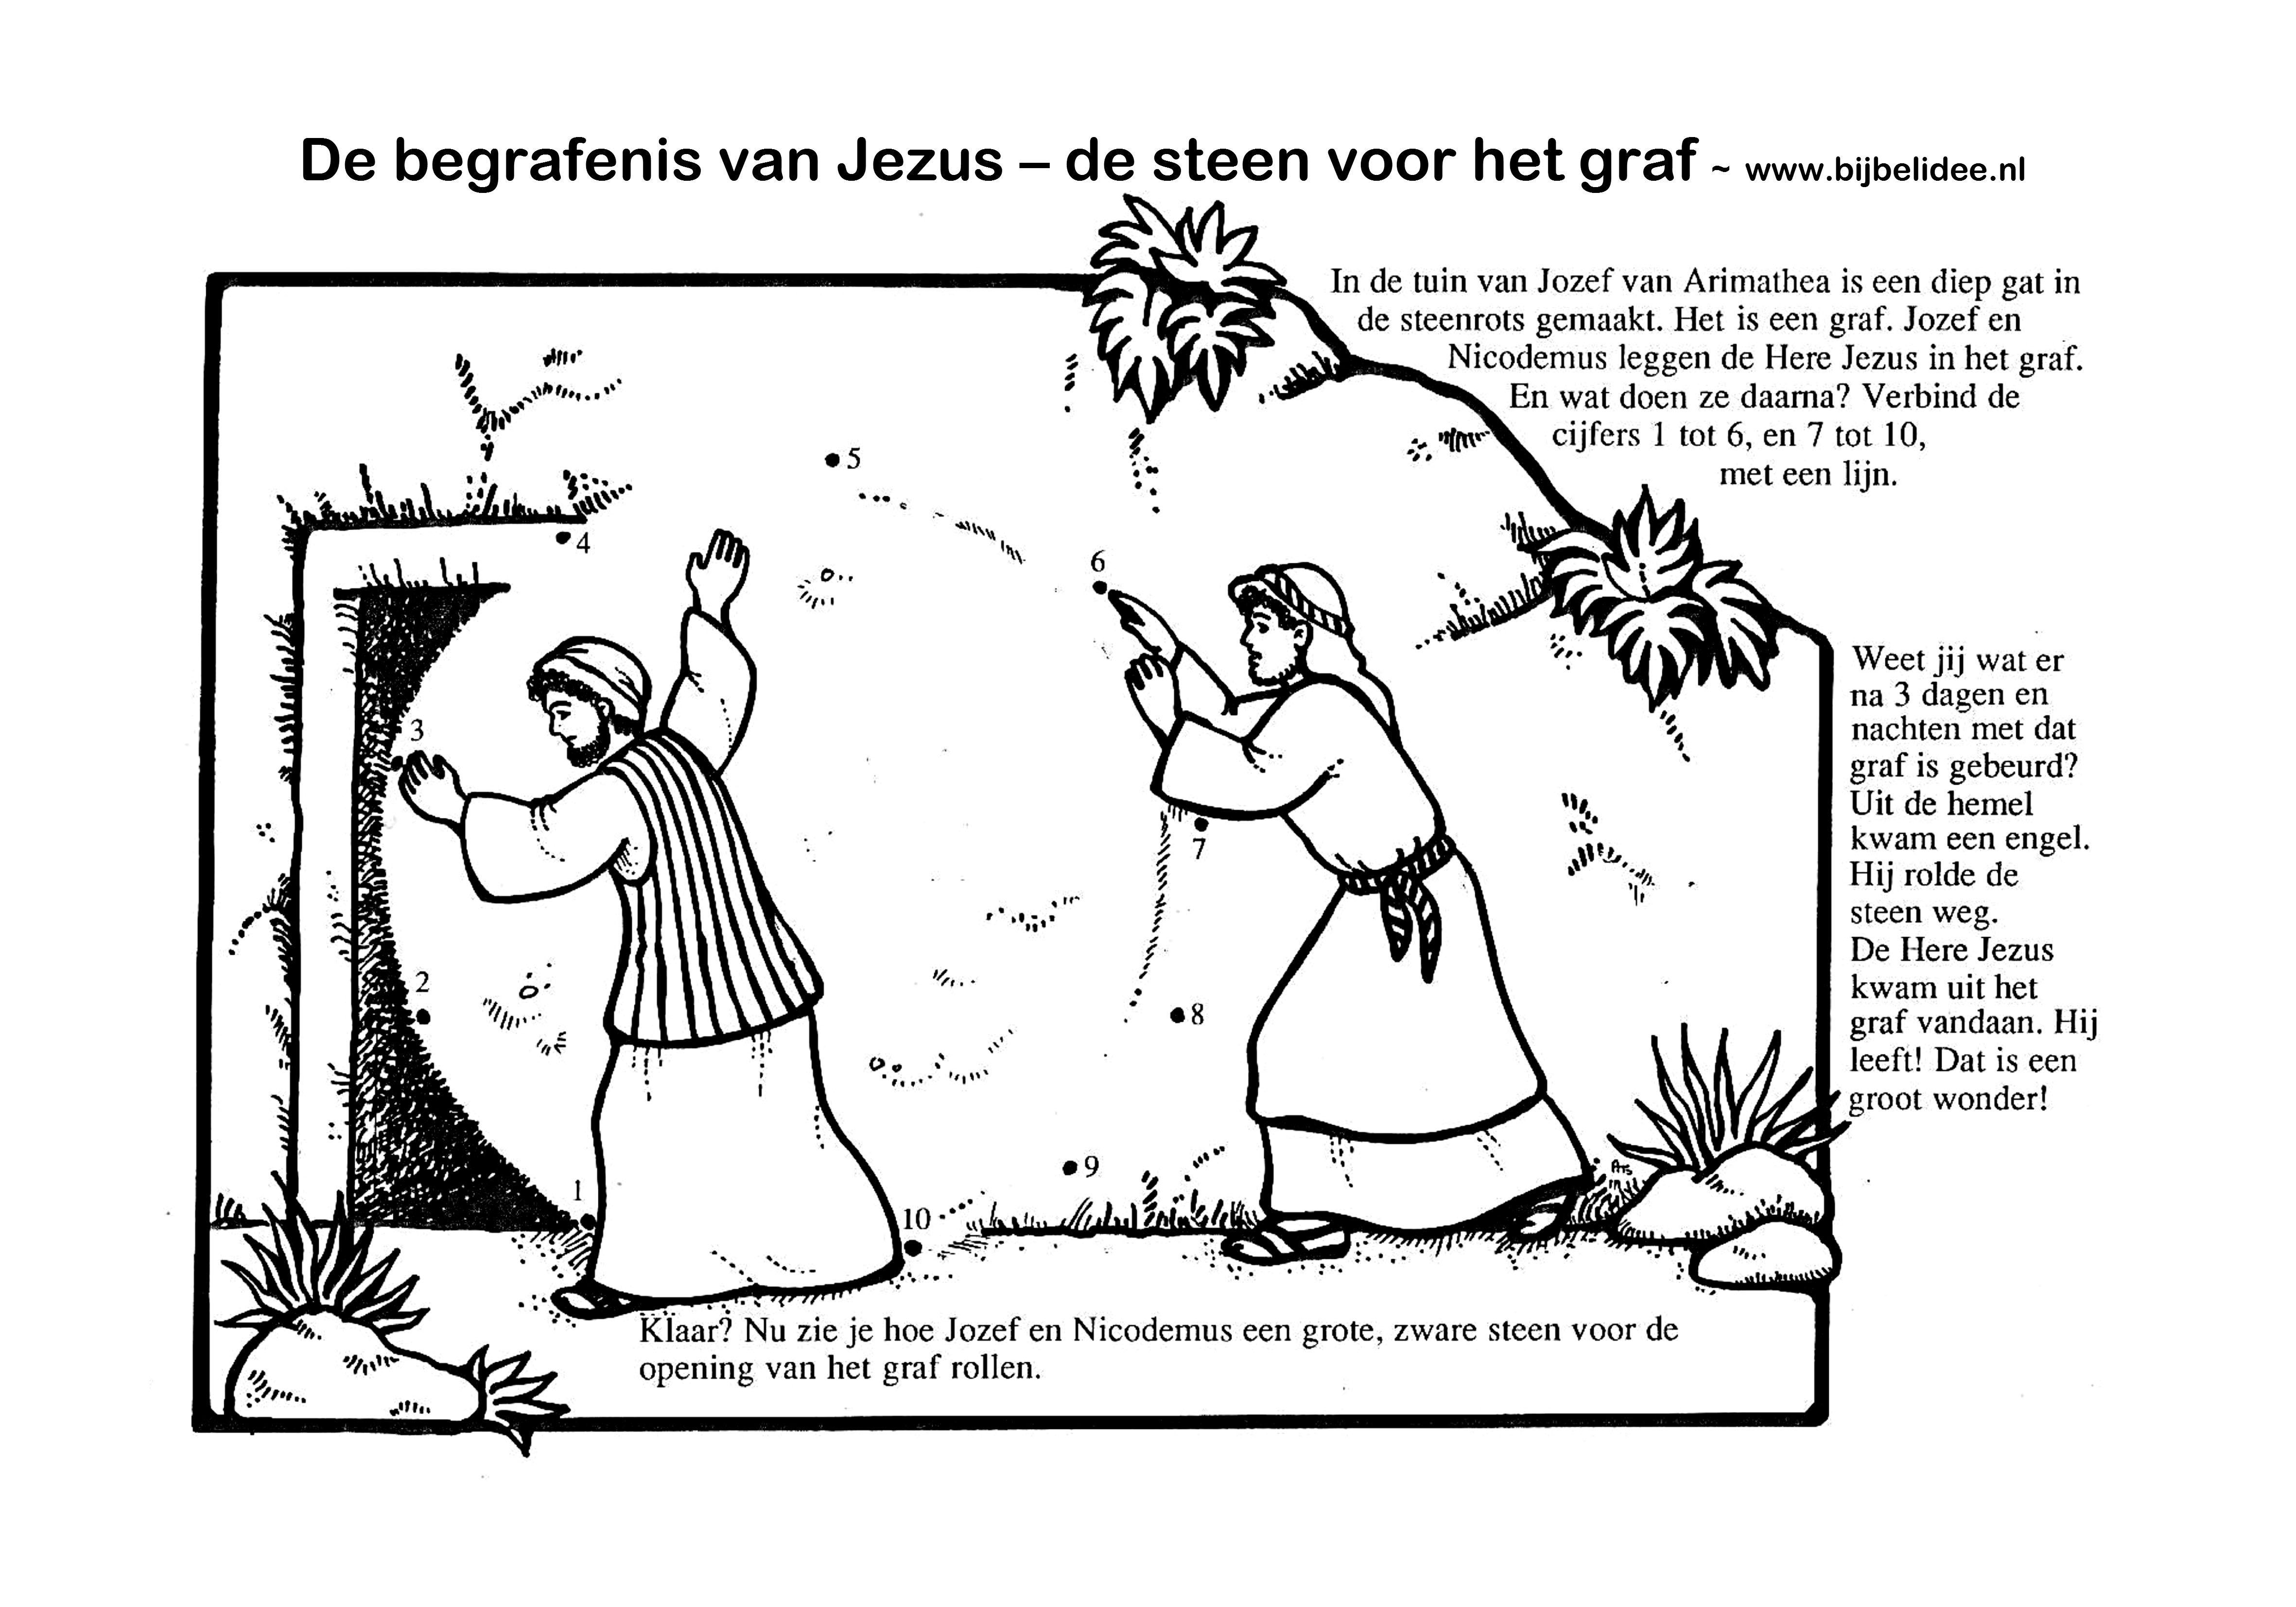 Joseph And Nicodemus Put Jesus In The Grave